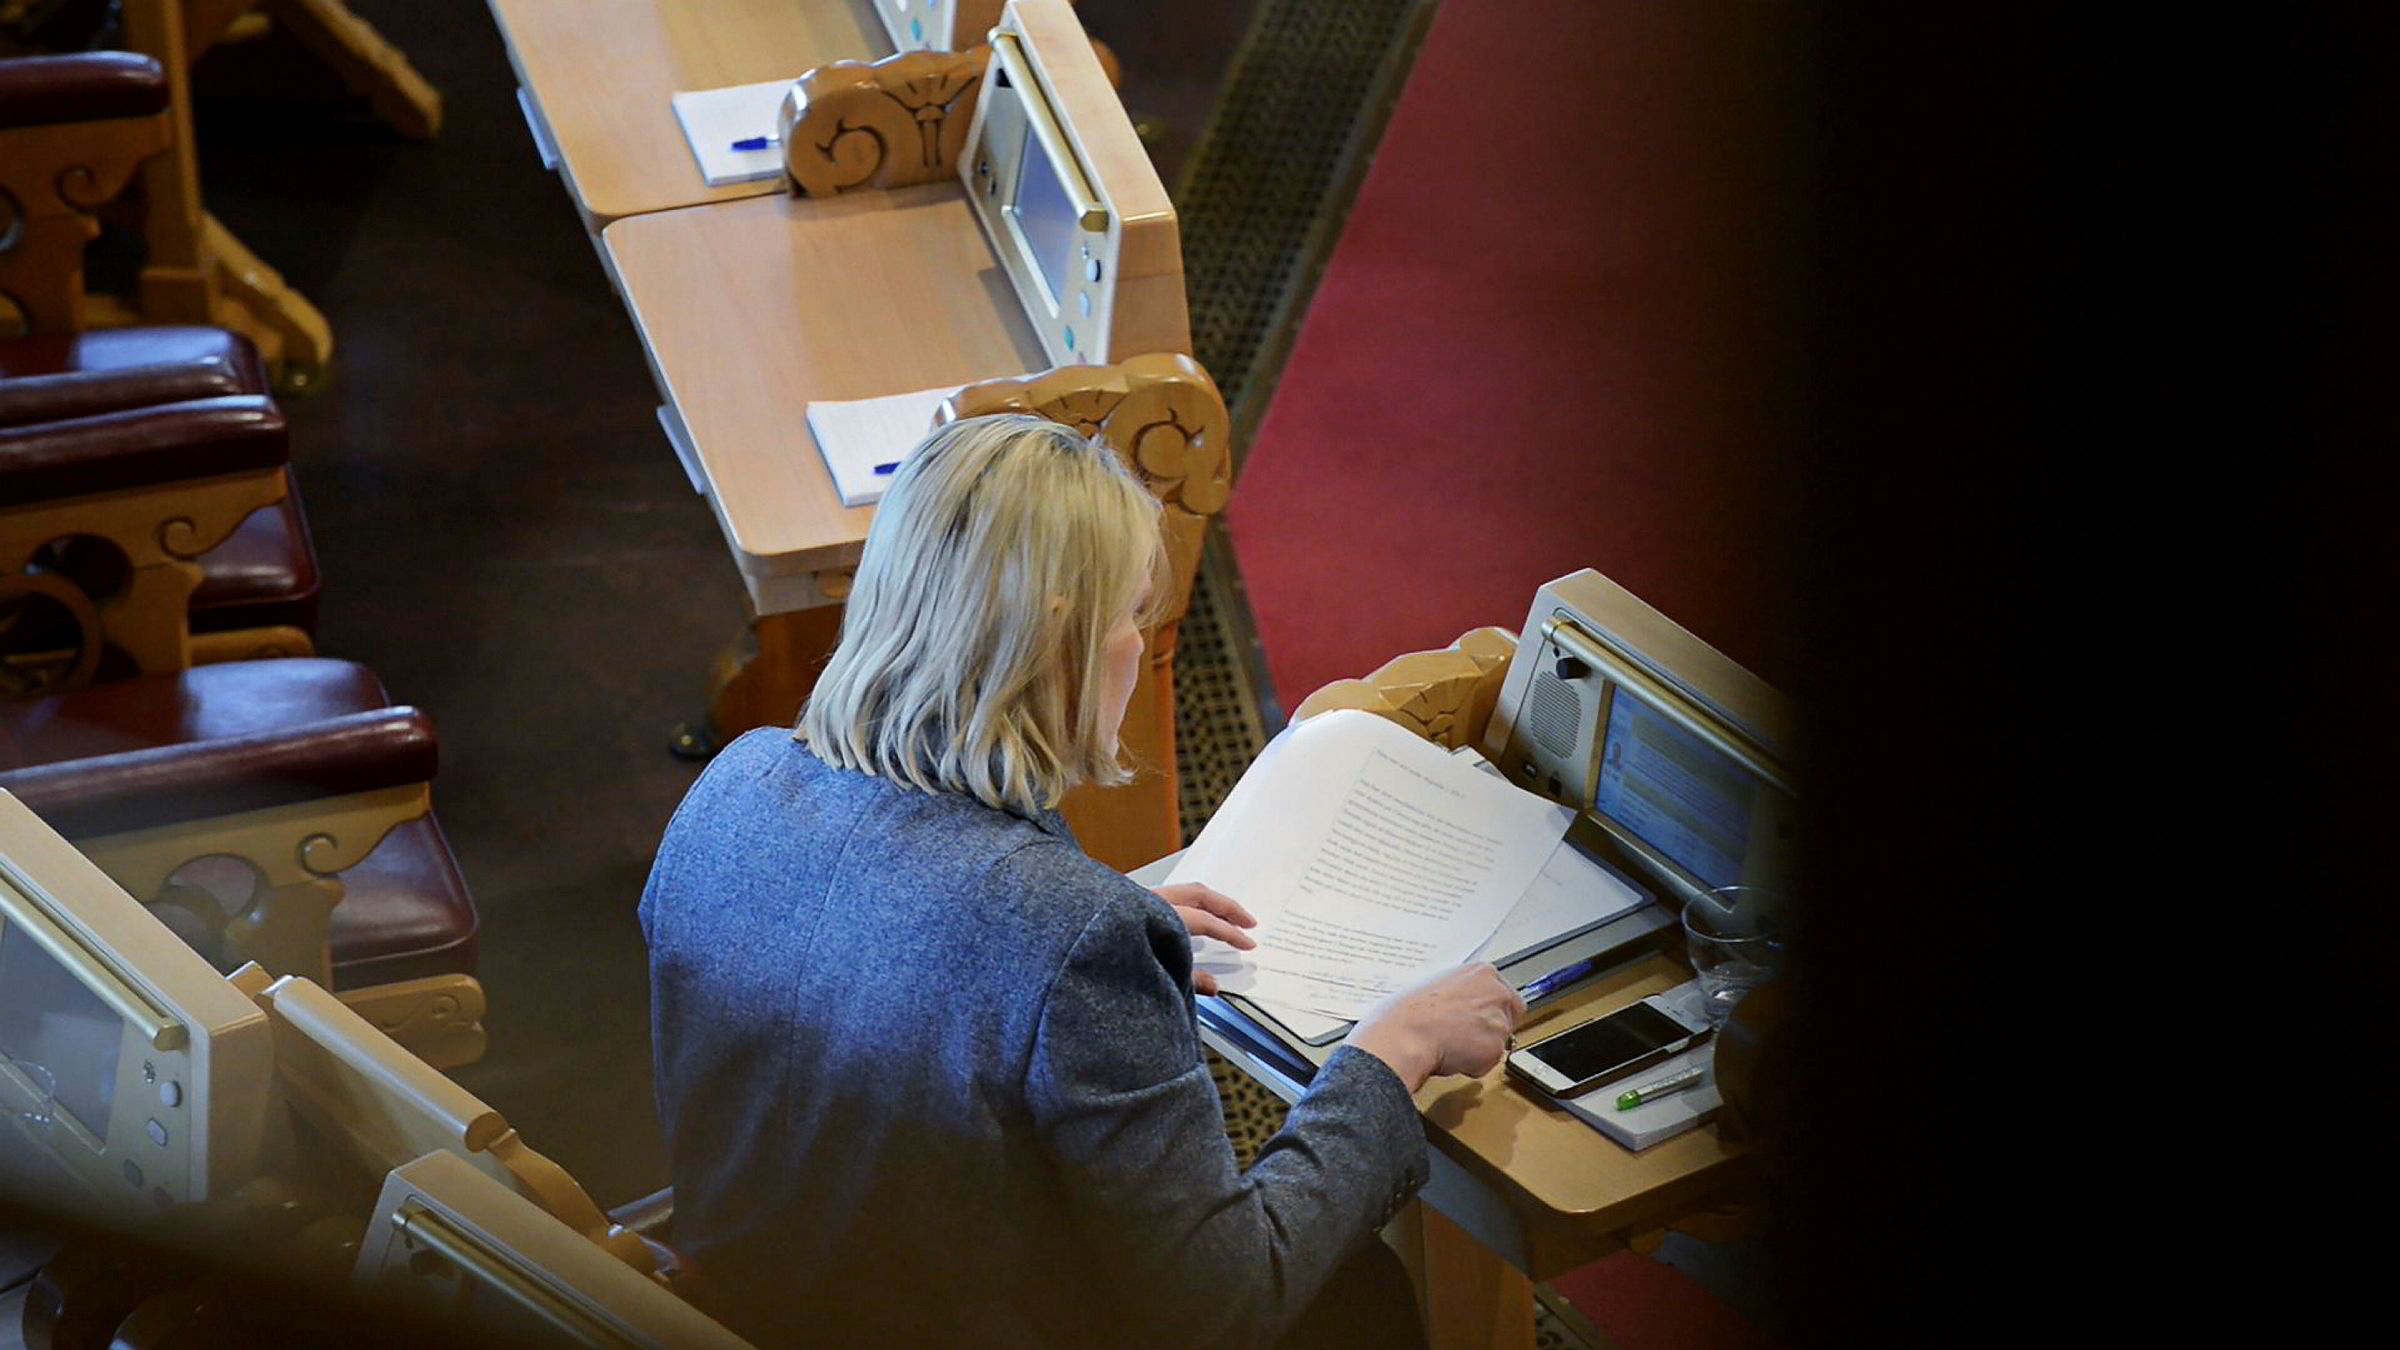 Justisminister Sylvi Listhaug tok opp pennen og gjorde endringer i manuset like før hun gikk opp på talerstolen for å fremføre unnskyldningen statsminister Erna Solberg varslet at hun skulle komme med.